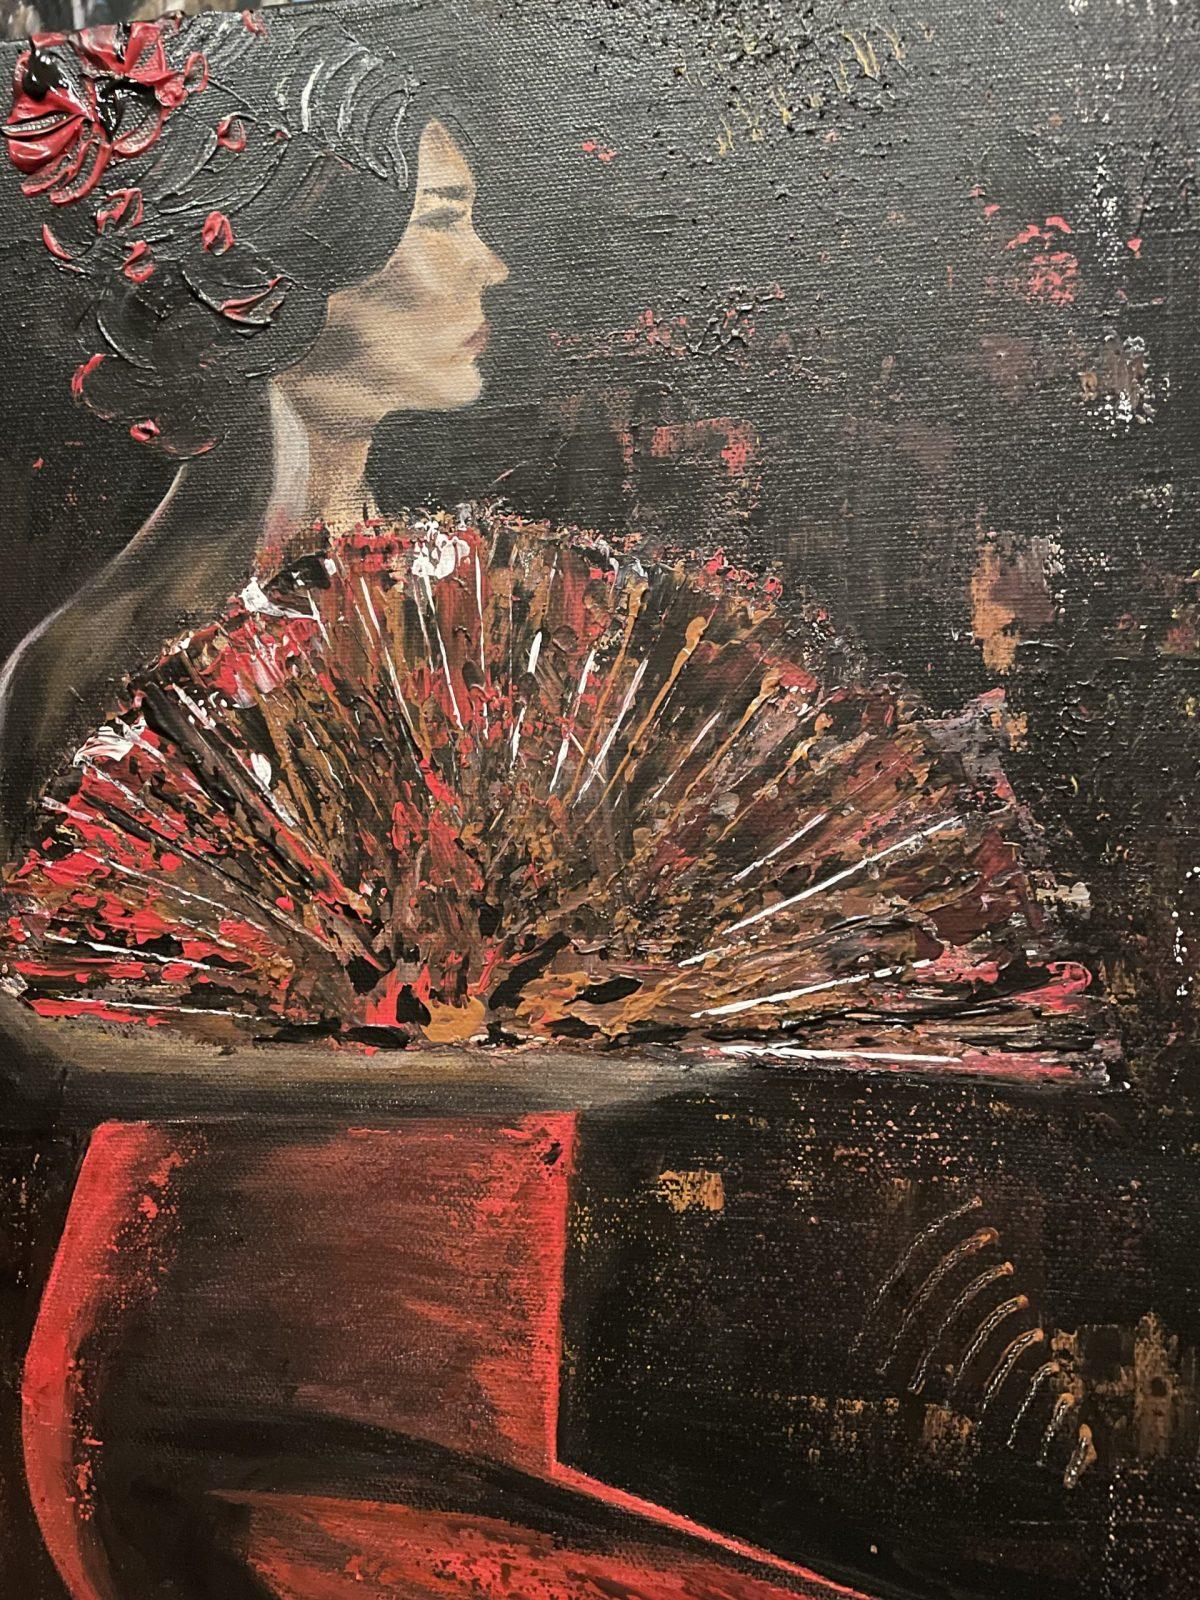 Danseuse du Flamenco, gros plan sur la danseuse, haut droite du tableau